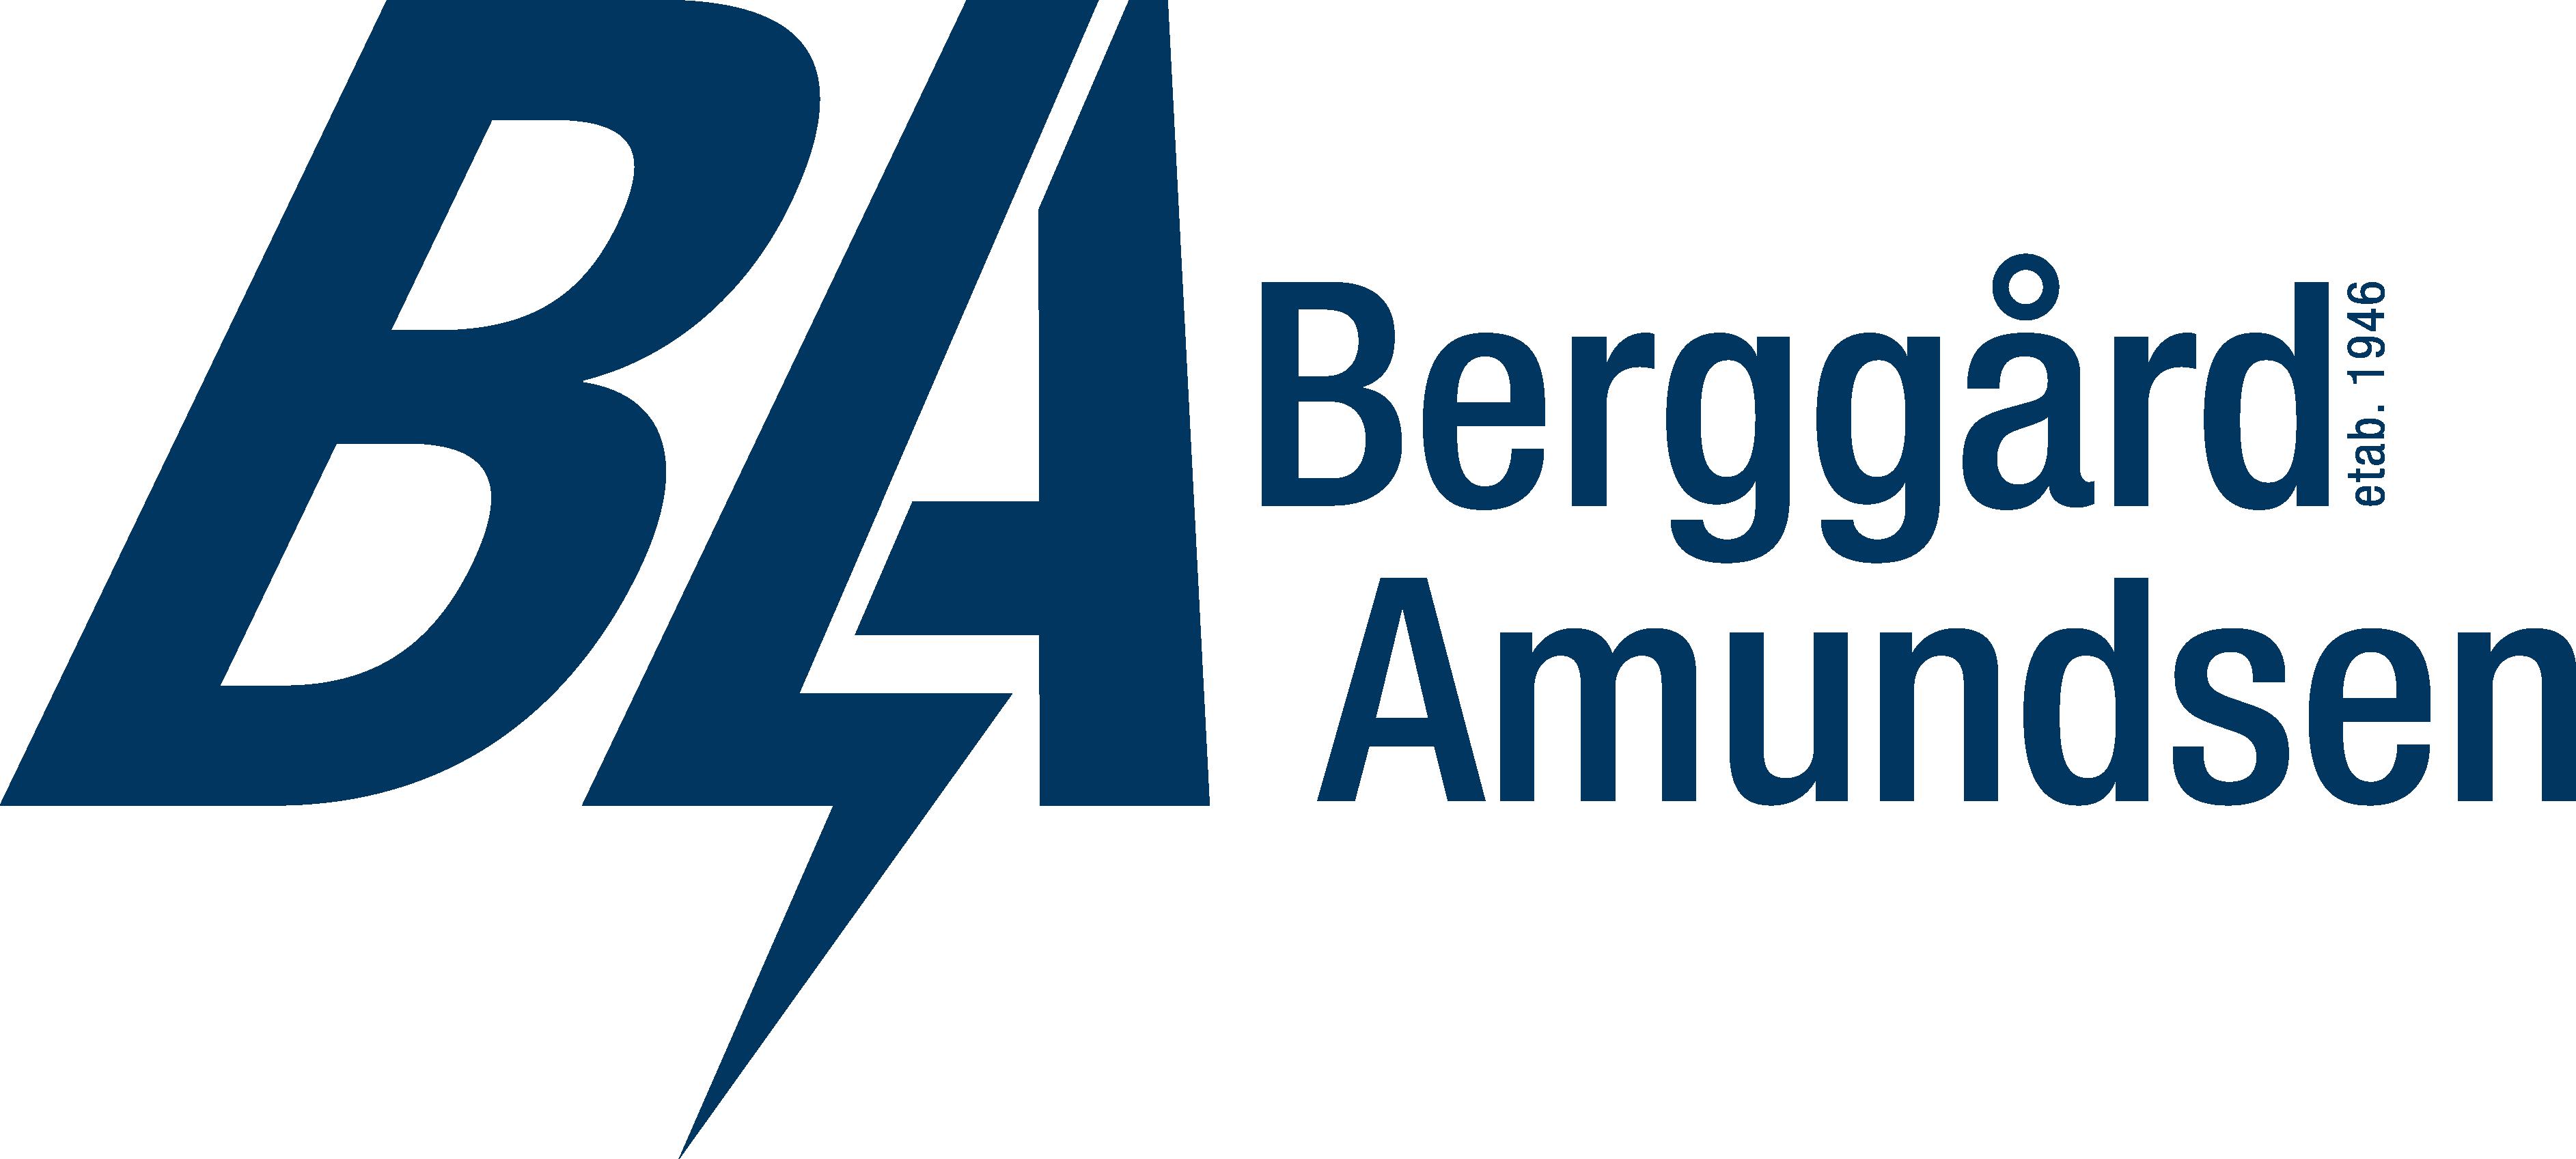 Berggård og Amundsen er en samarbeidspartner